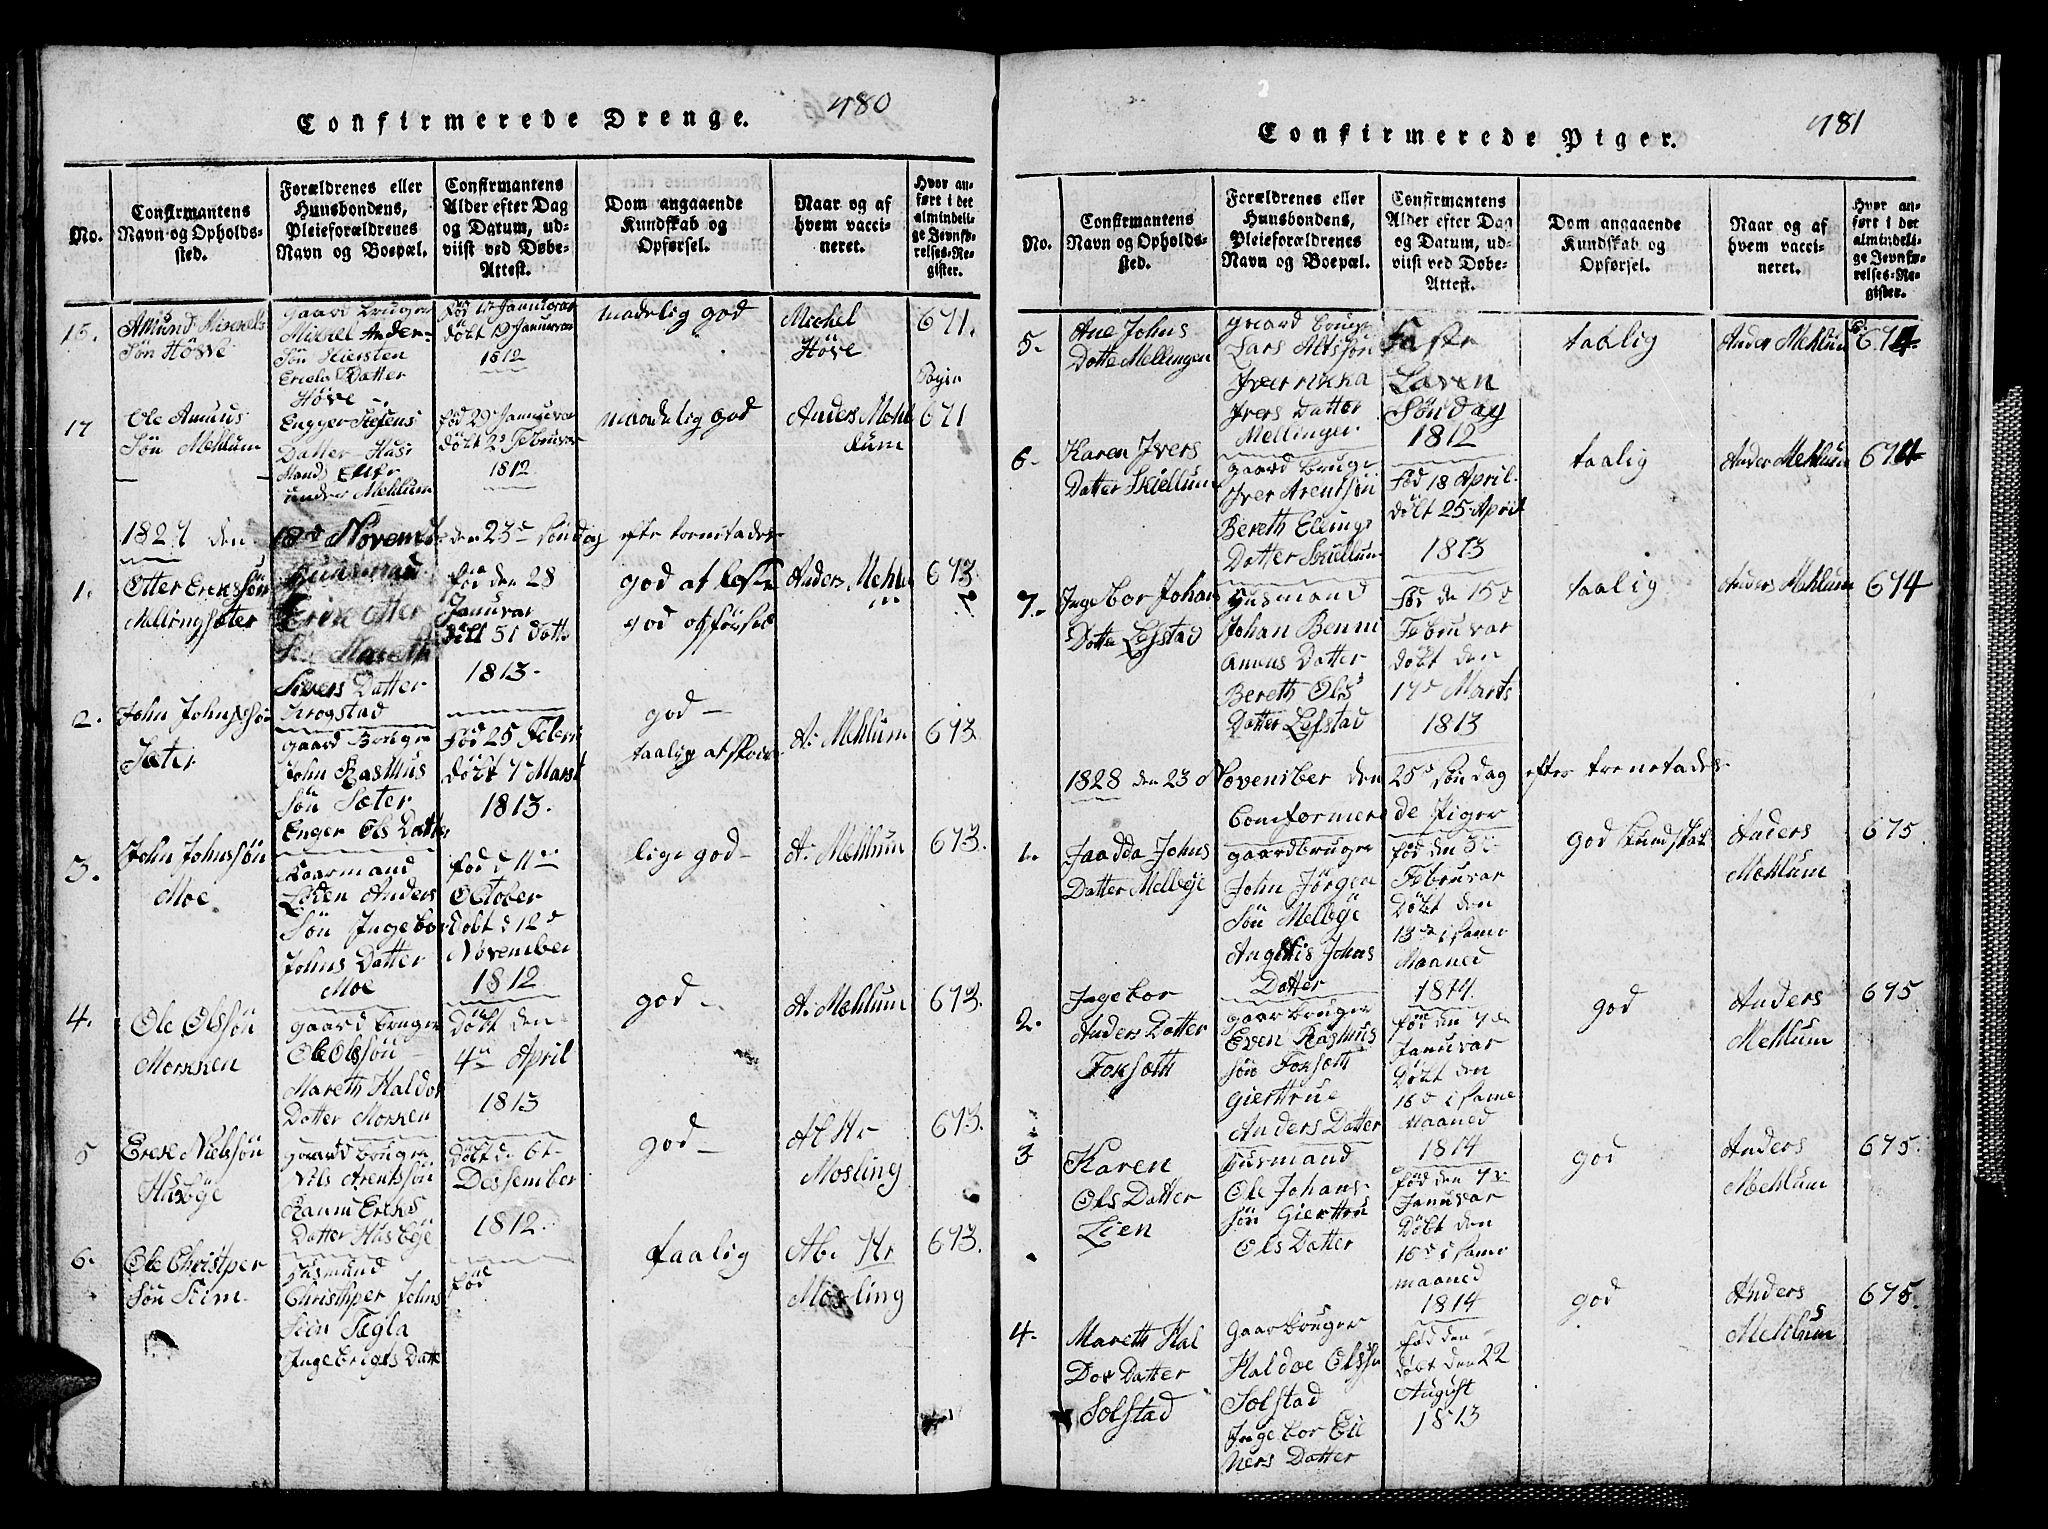 SAT, Ministerialprotokoller, klokkerbøker og fødselsregistre - Sør-Trøndelag, 667/L0796: Klokkerbok nr. 667C01, 1817-1836, s. 480-481